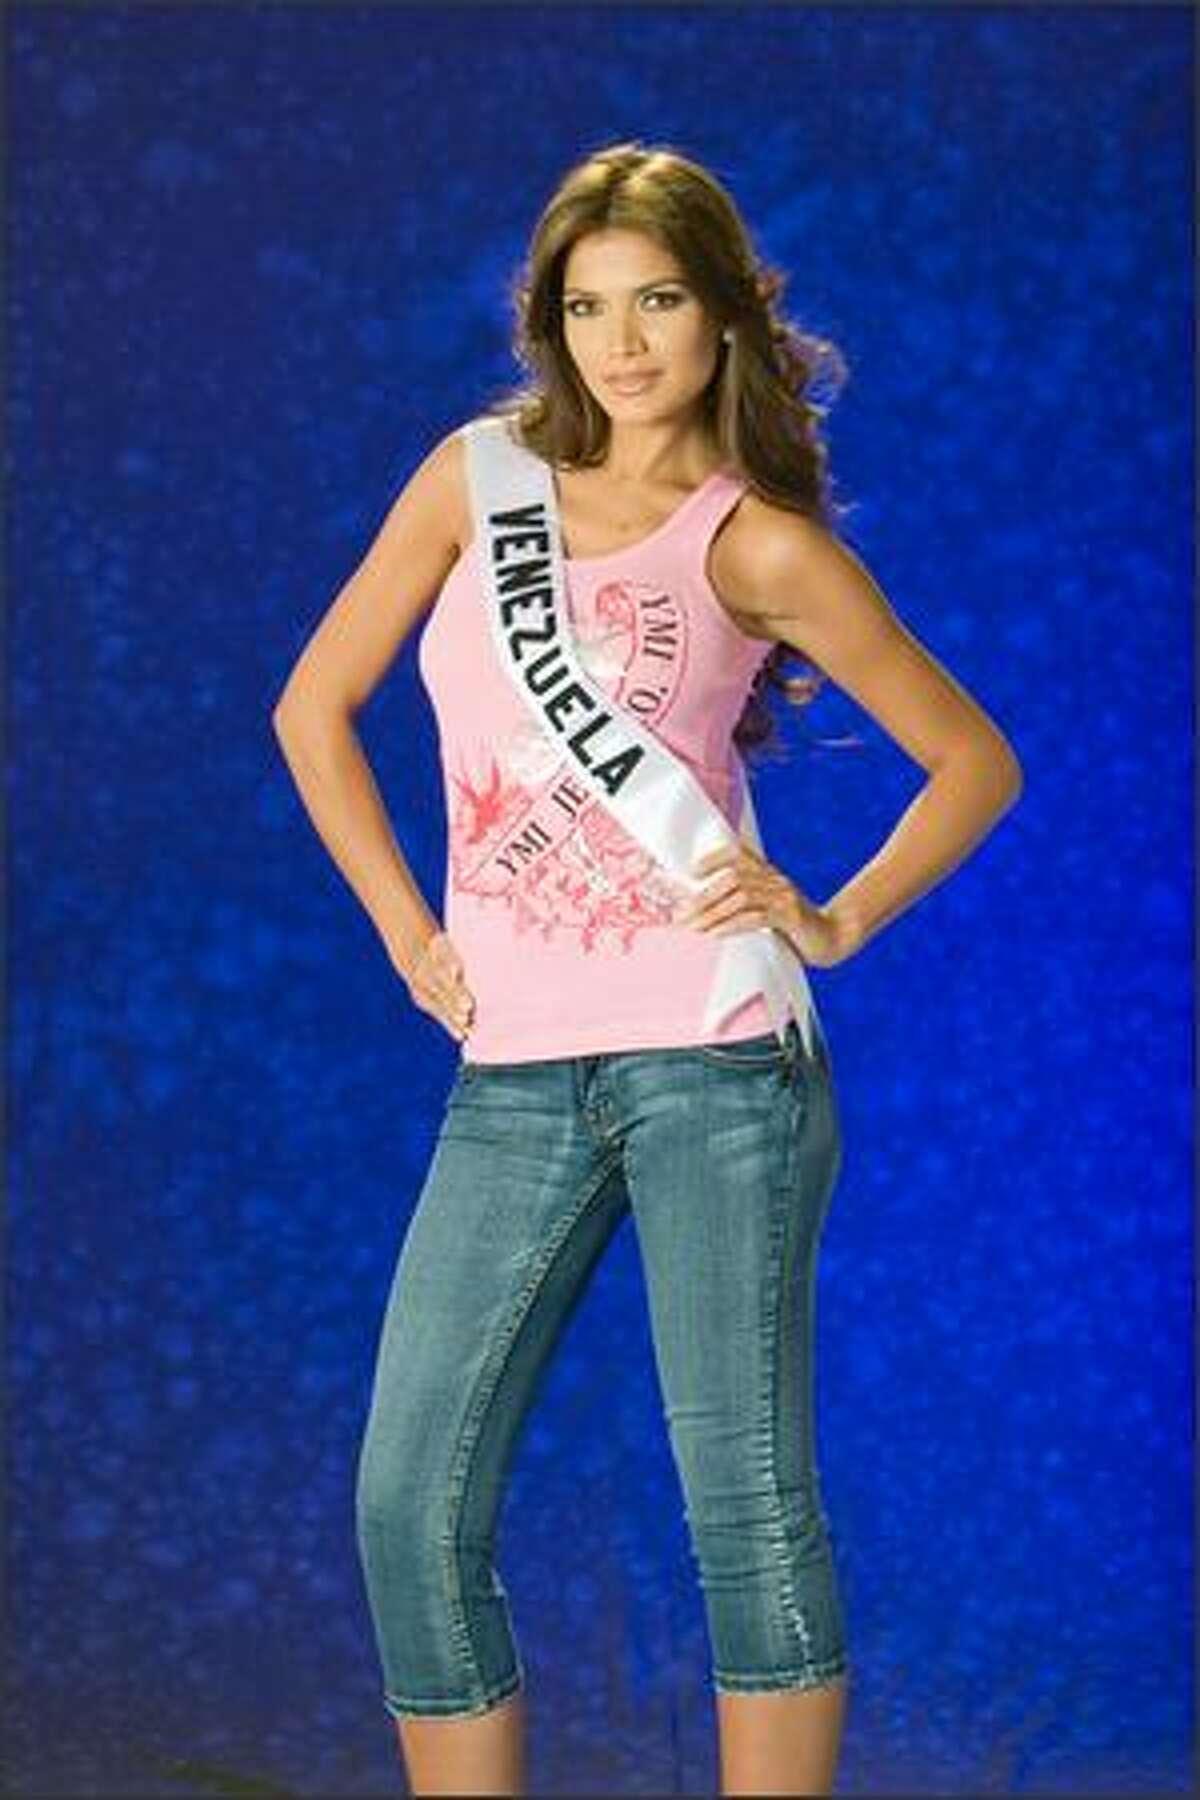 Ly Jonaitis, Miss Venezuela 2007.